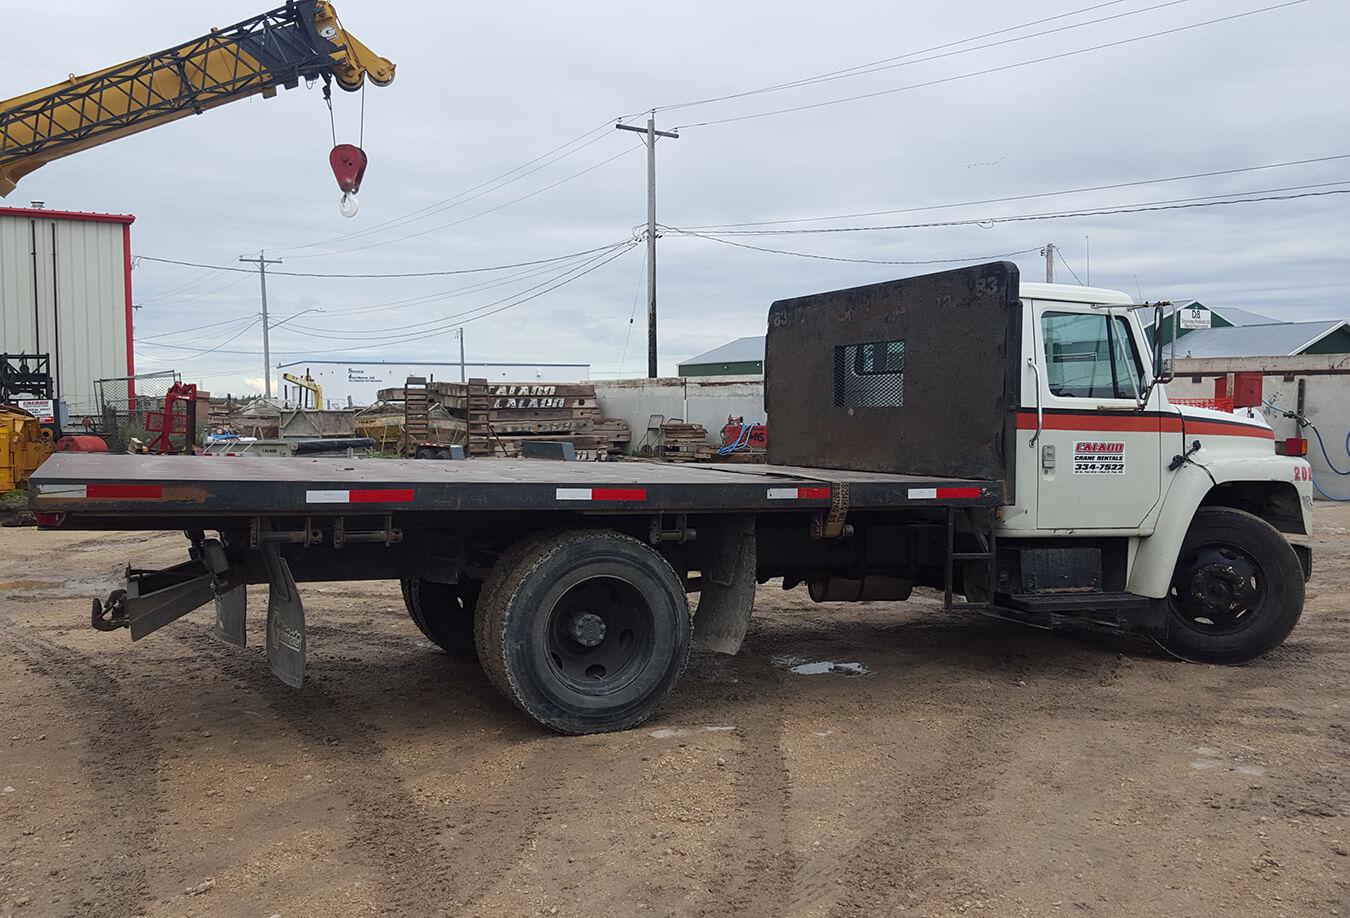 International - Flat Deck Truck - Back